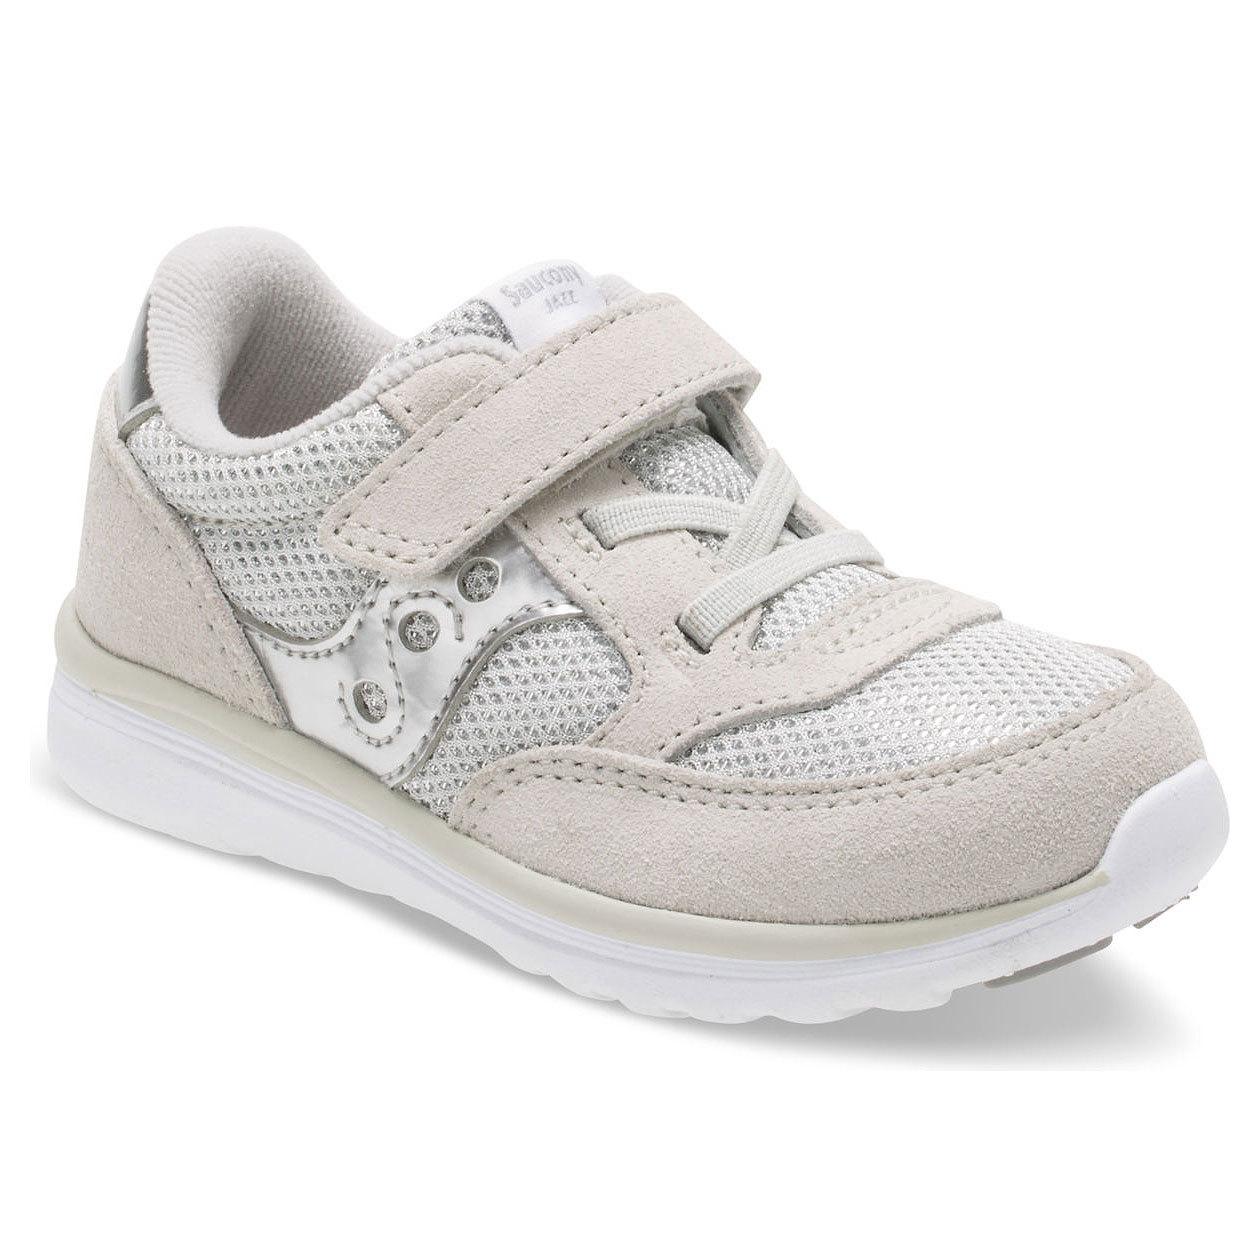 Saucony Toddler Girls' Baby Jazz Lite Sneakers - Black, 5